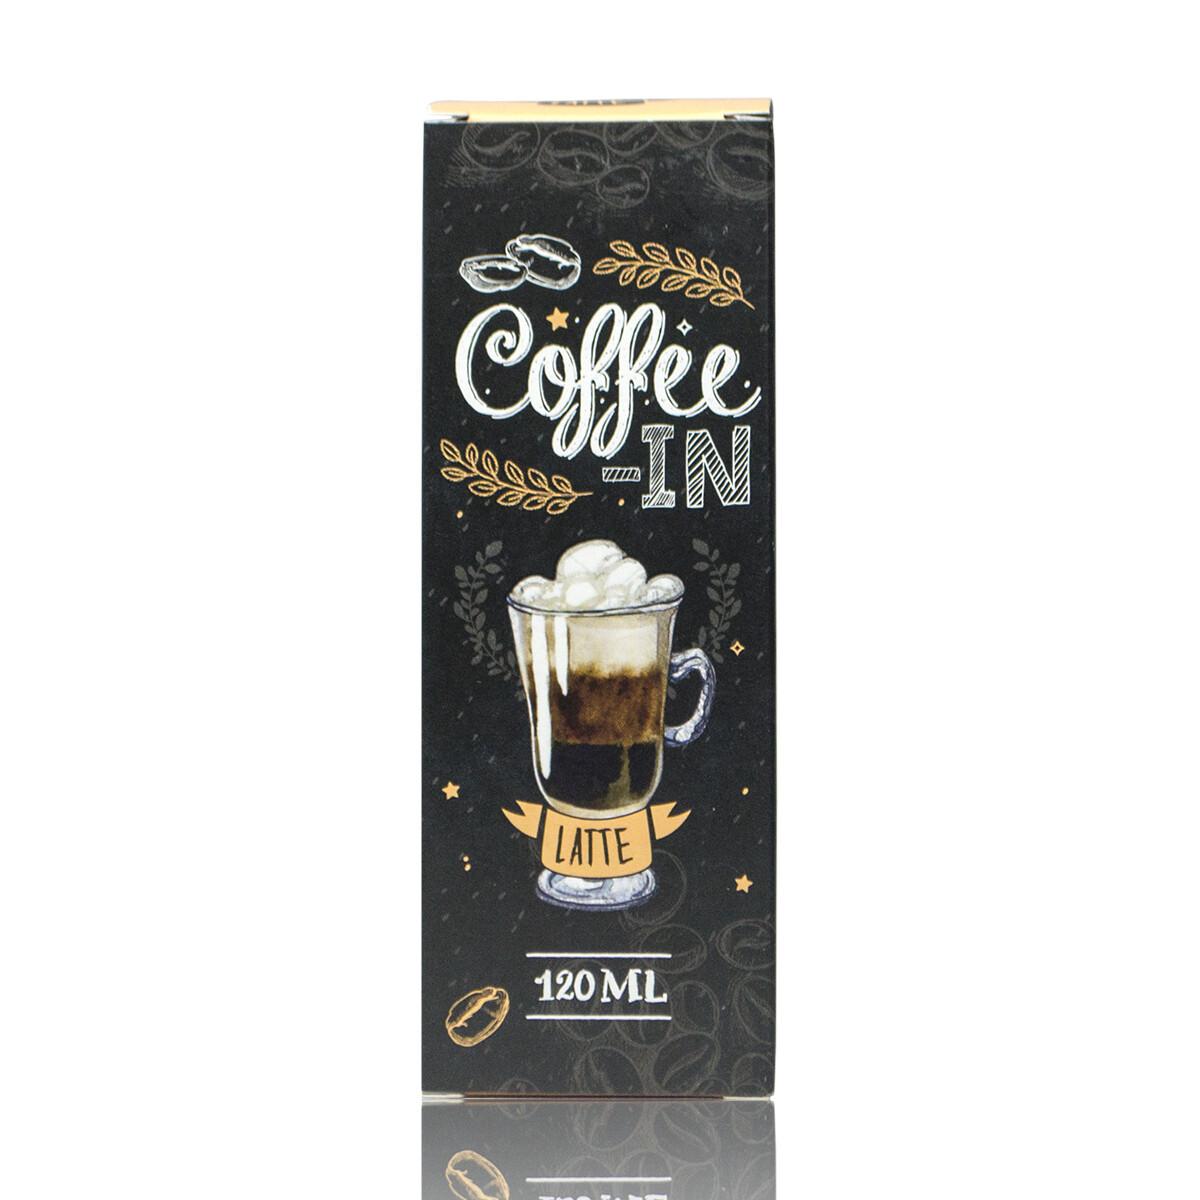 COFFE-IN: LATTE 120ML 3MG